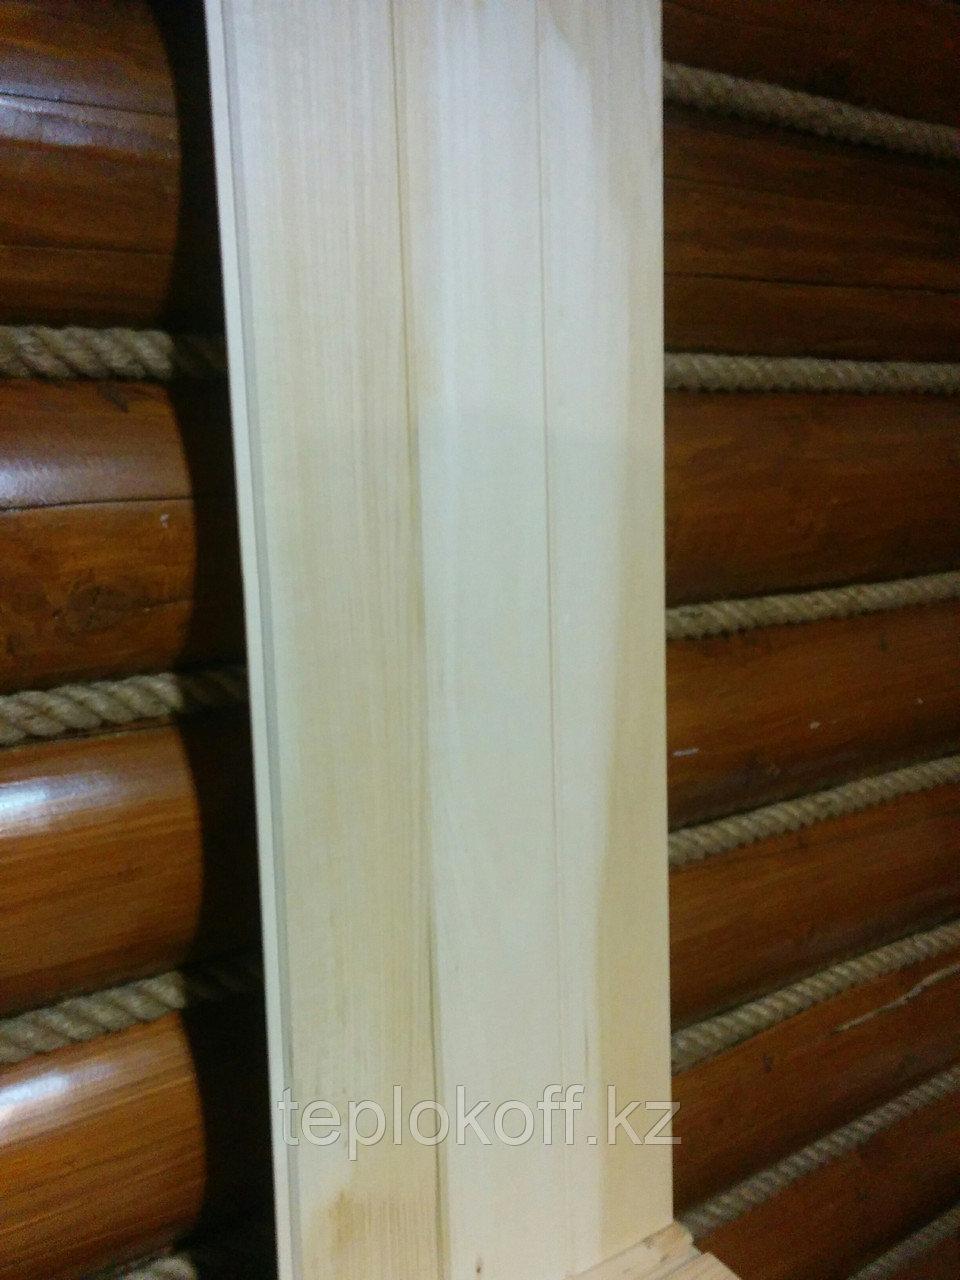 Вагонка липа сорт В длина от 1,8 м до 3 м